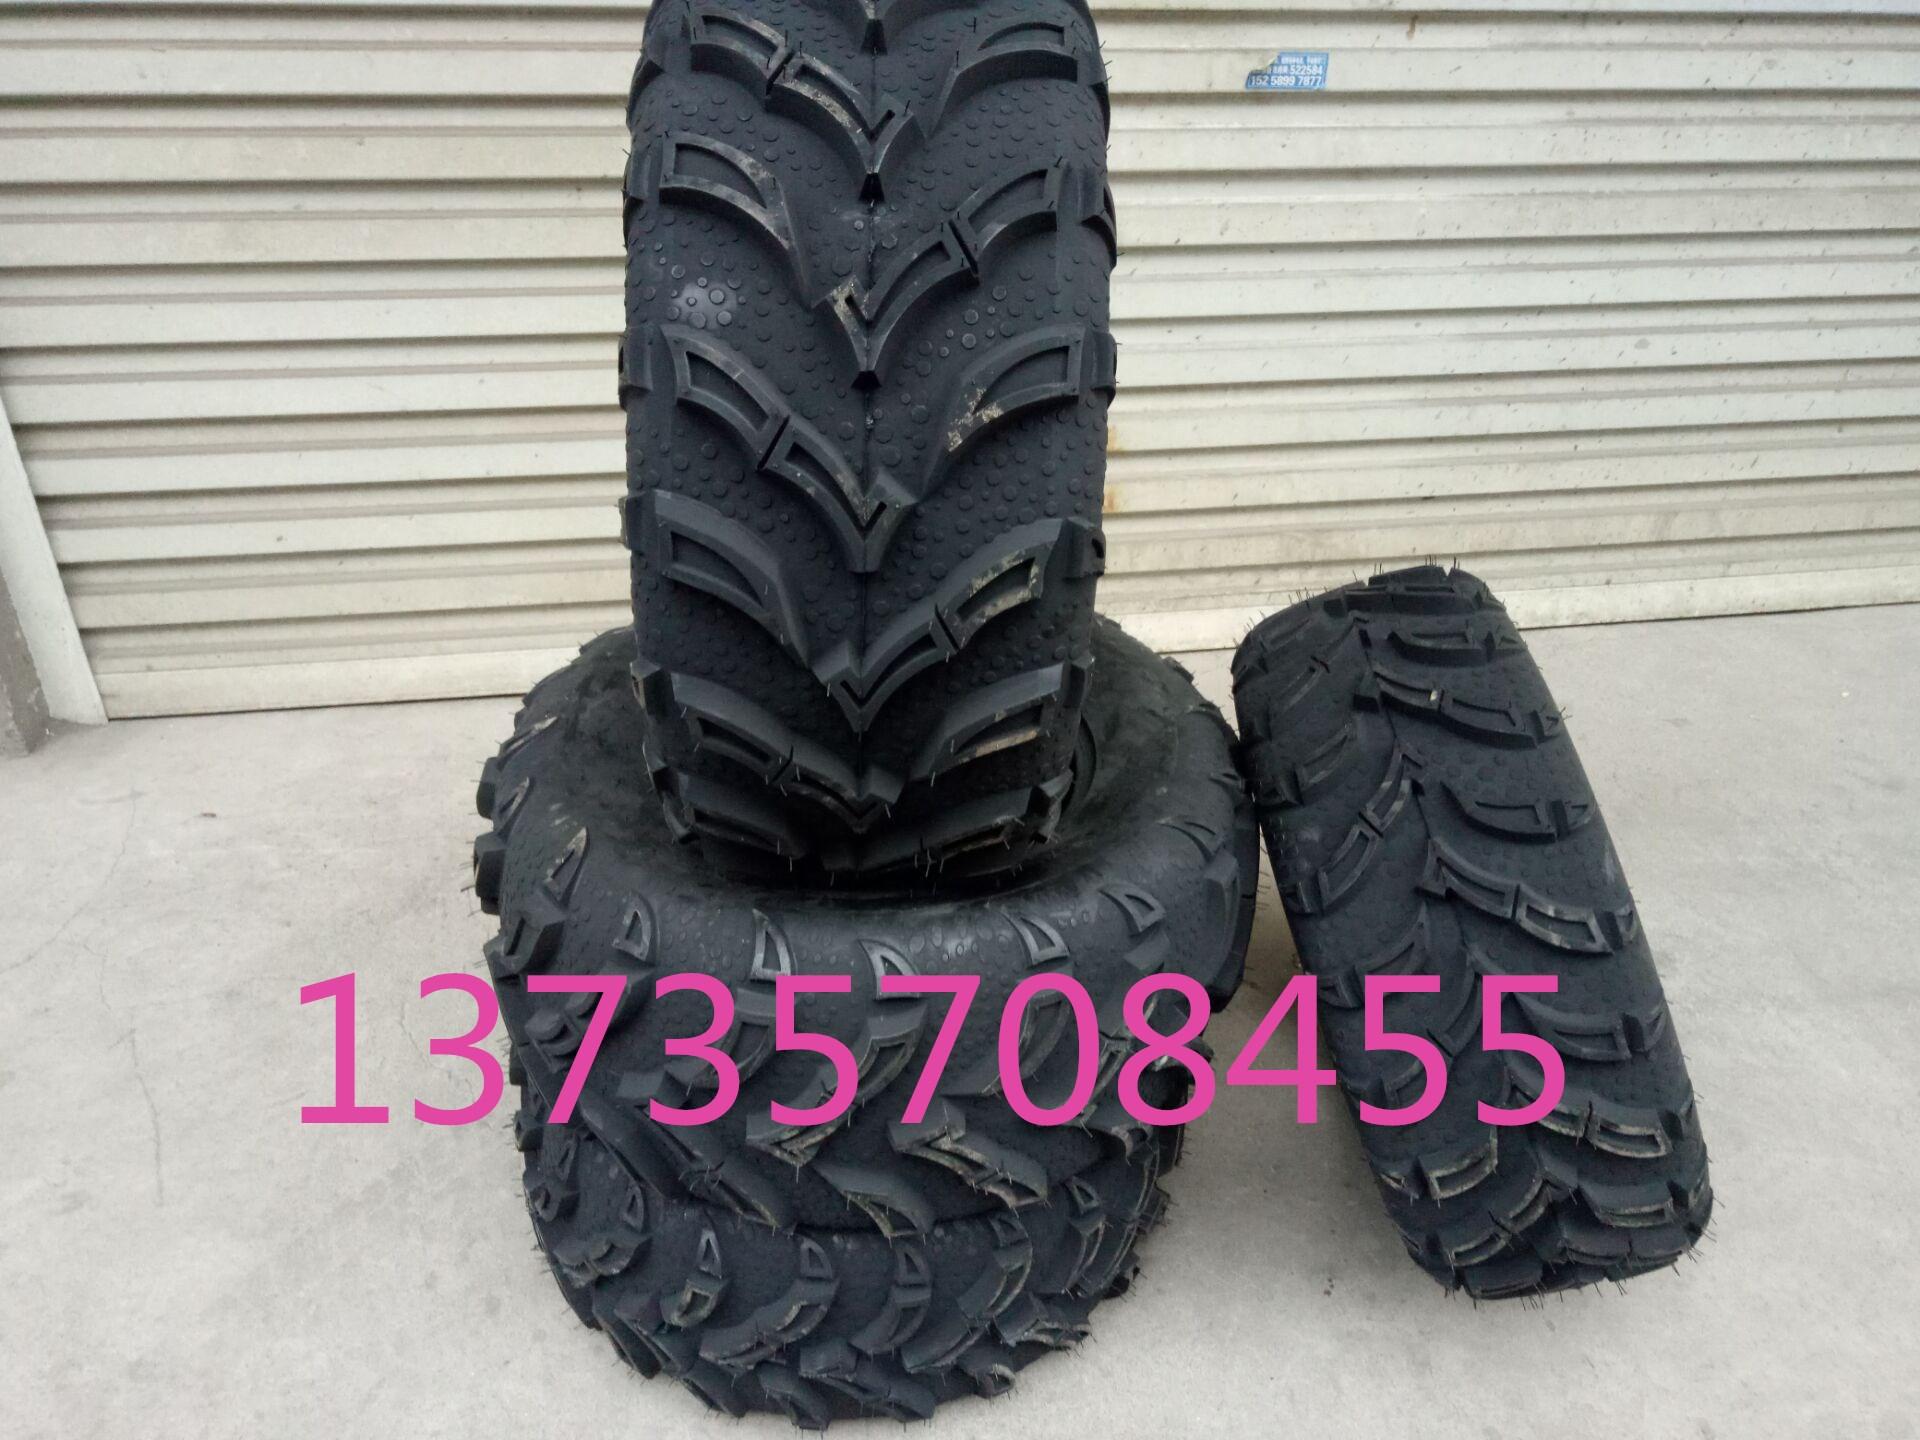 大公牛沙滩车轮胎25*8-12、25*10-12、26*10-12、26*10-14等